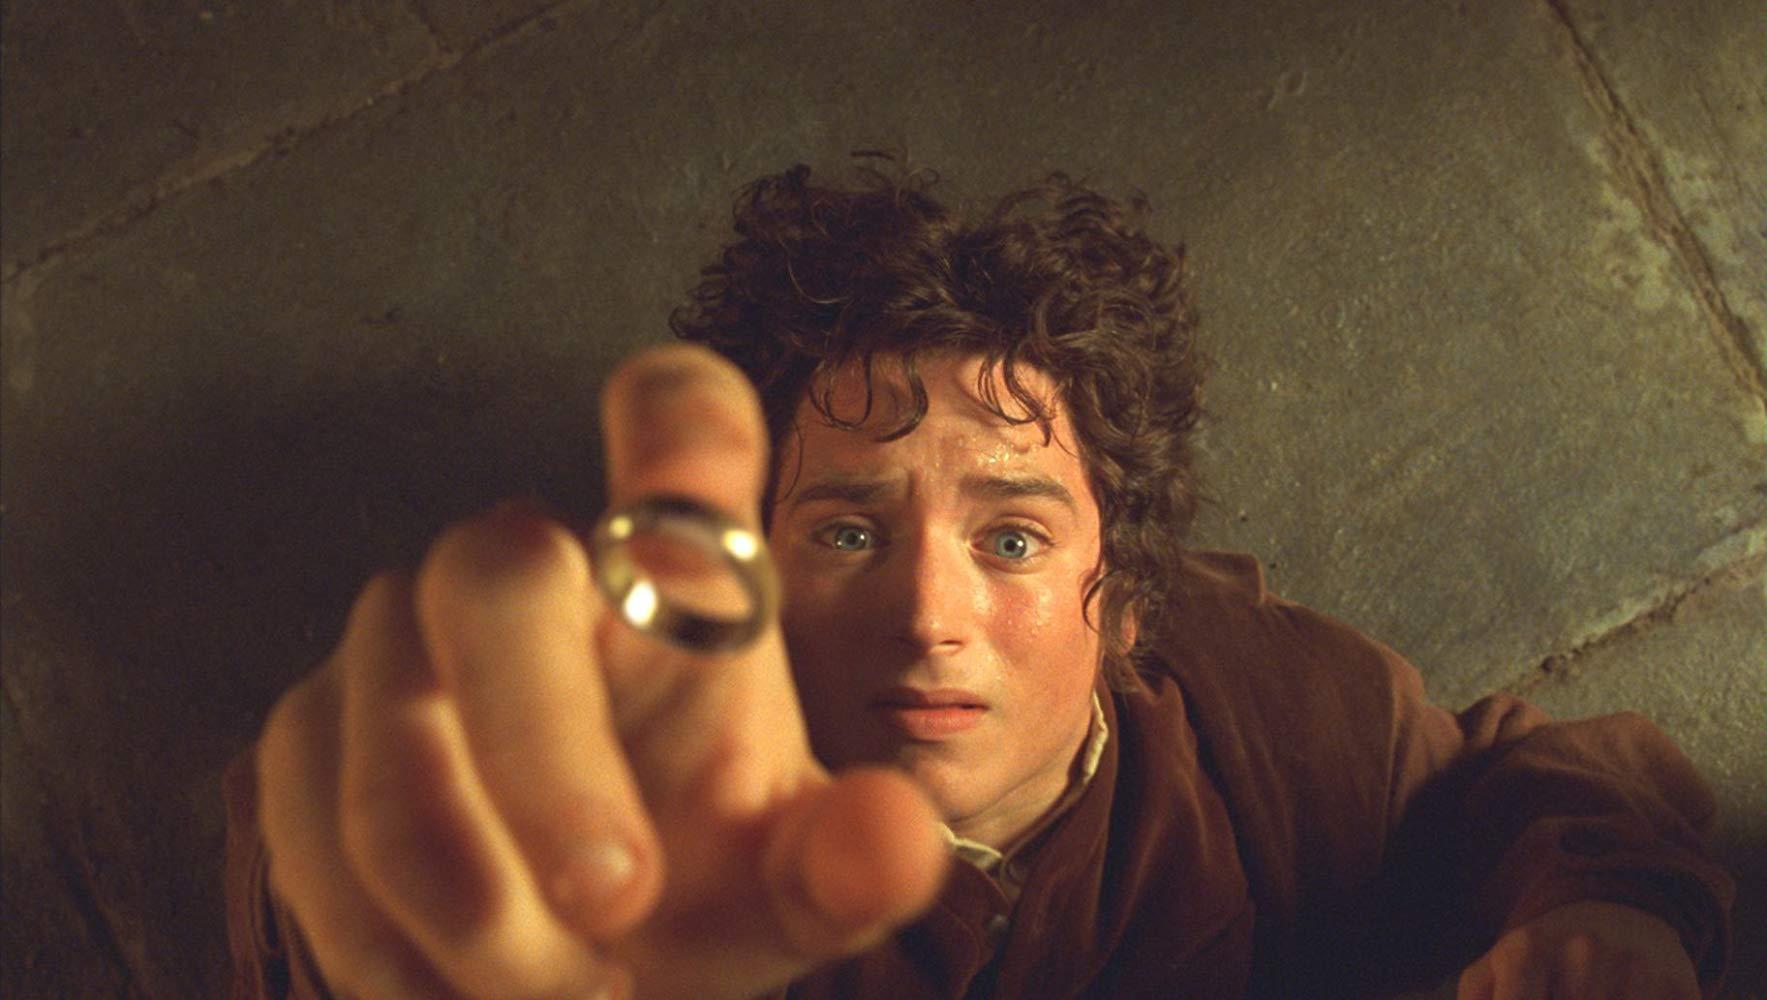 O Senhor dos Anéis: elenco principal da série de TV é revelado